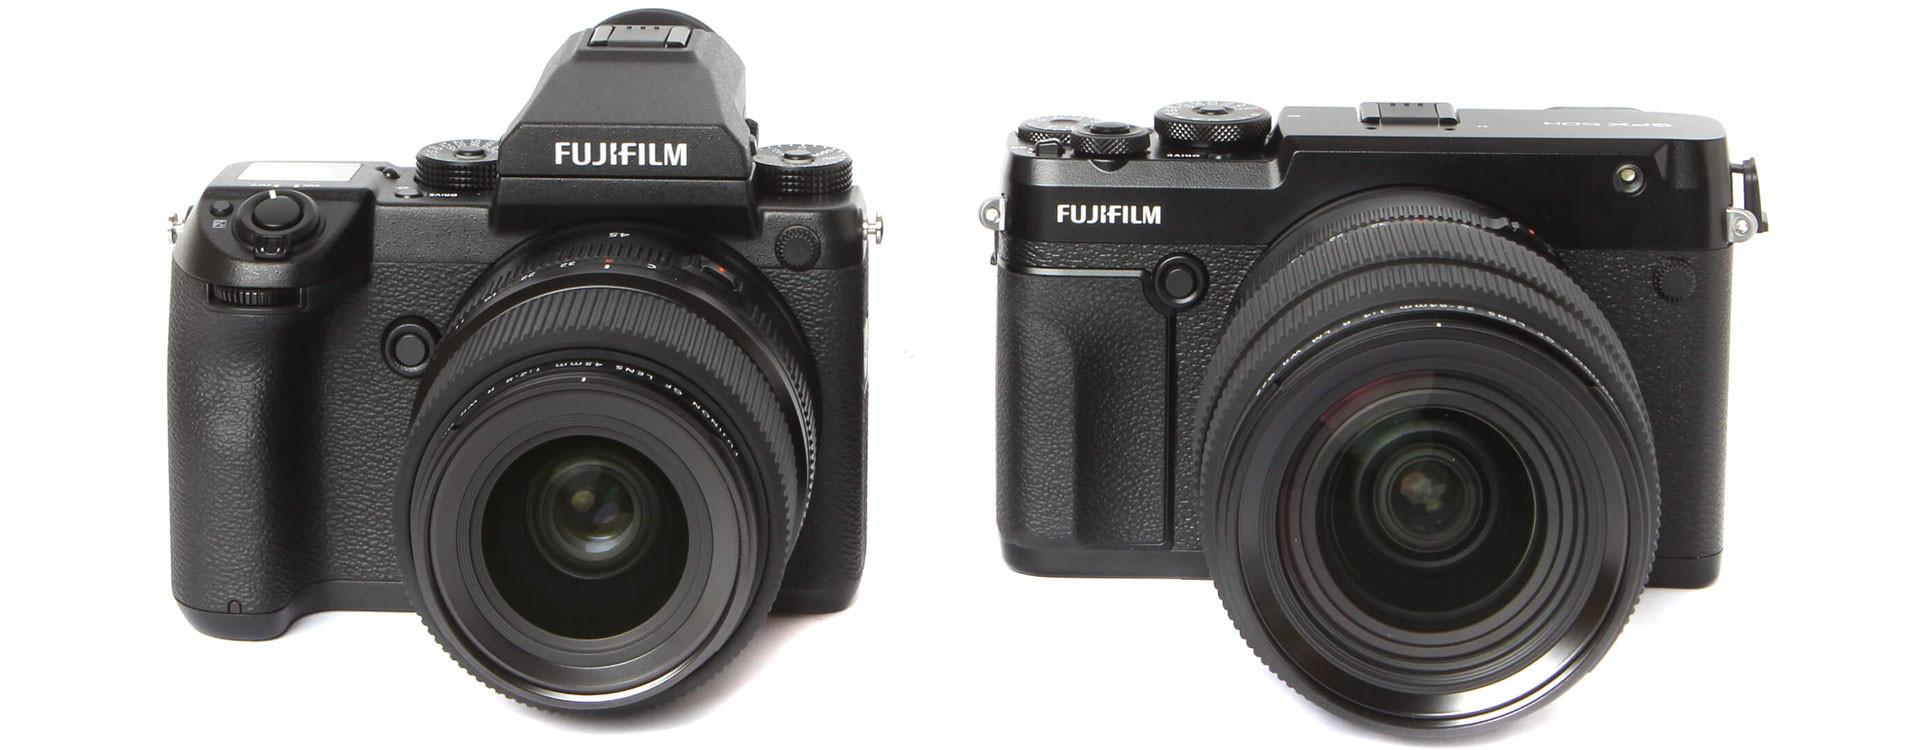 Fujifilm GFX 50r vs Fujifilm GFX 50s